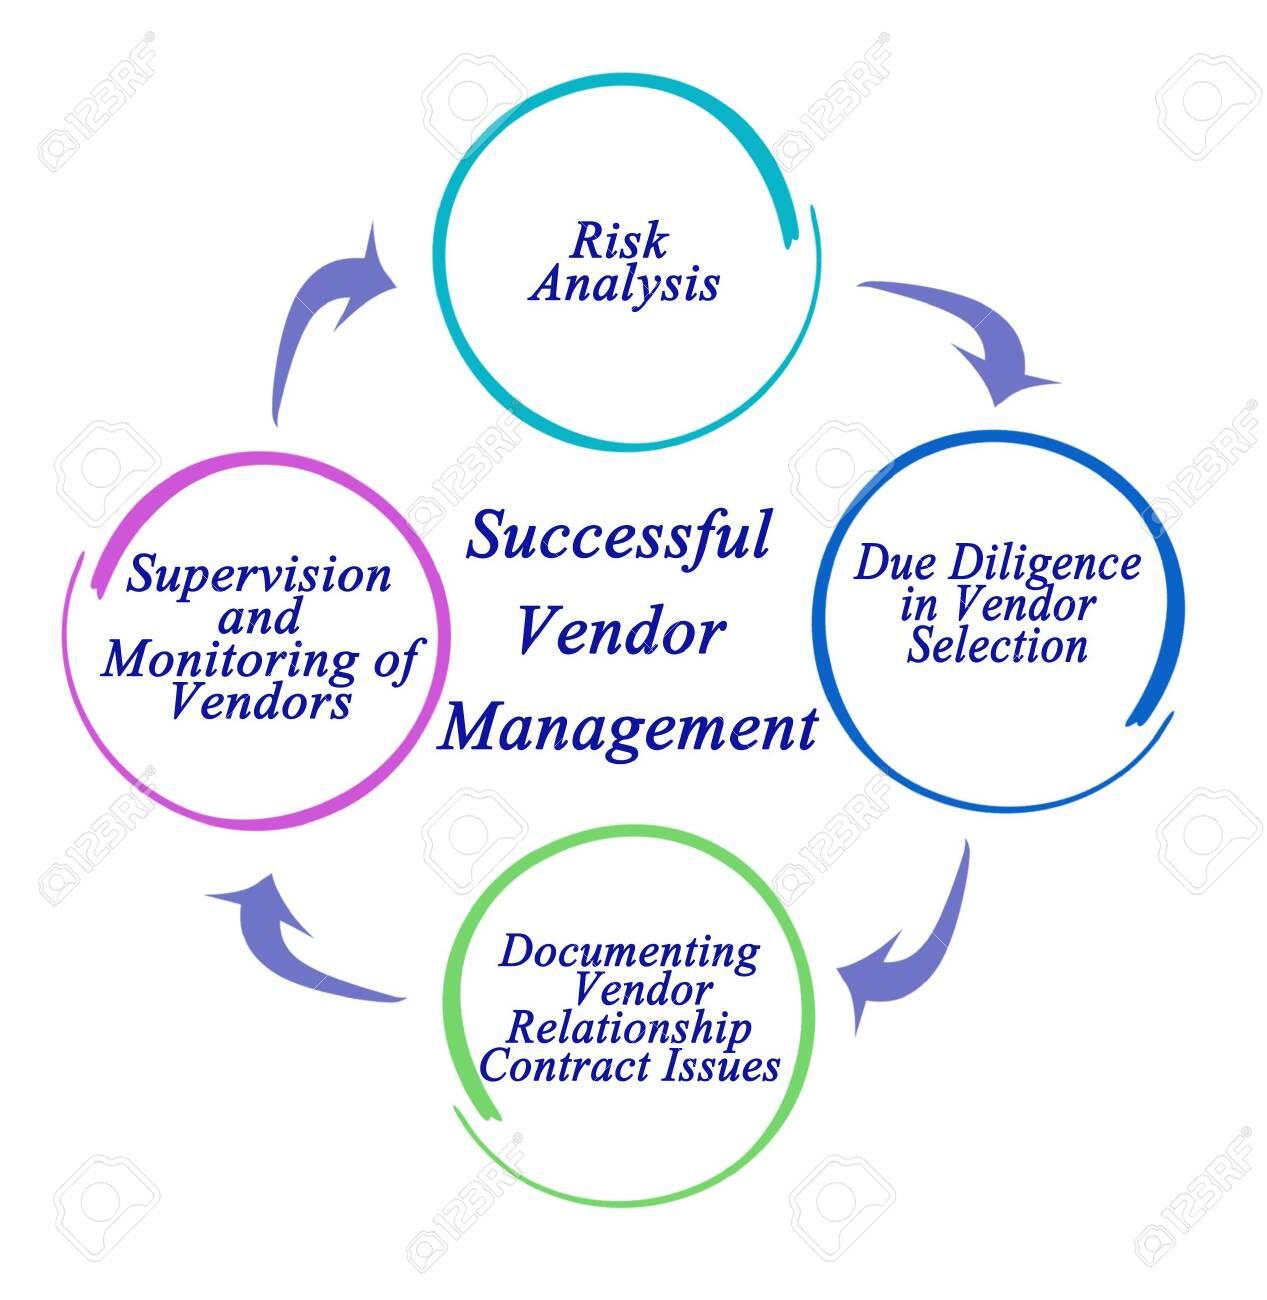 Successful Vendor Management - 121456507